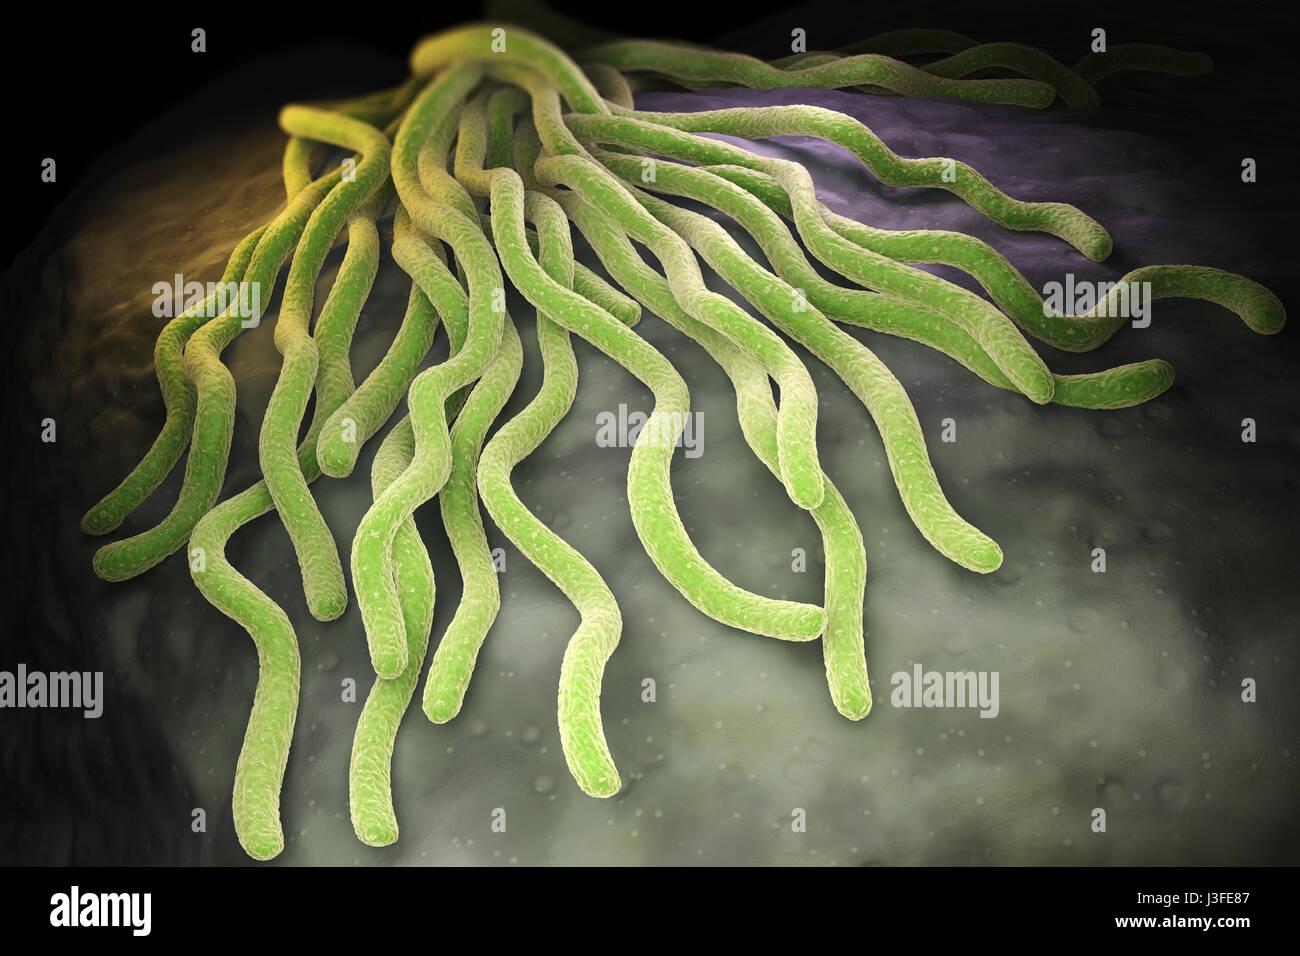 Kolonie von Borrelia Burgdorferi-Bakterien, die bakterielle Agent der Lyme-Borreliose durch Zecken übertragen. Stockbild